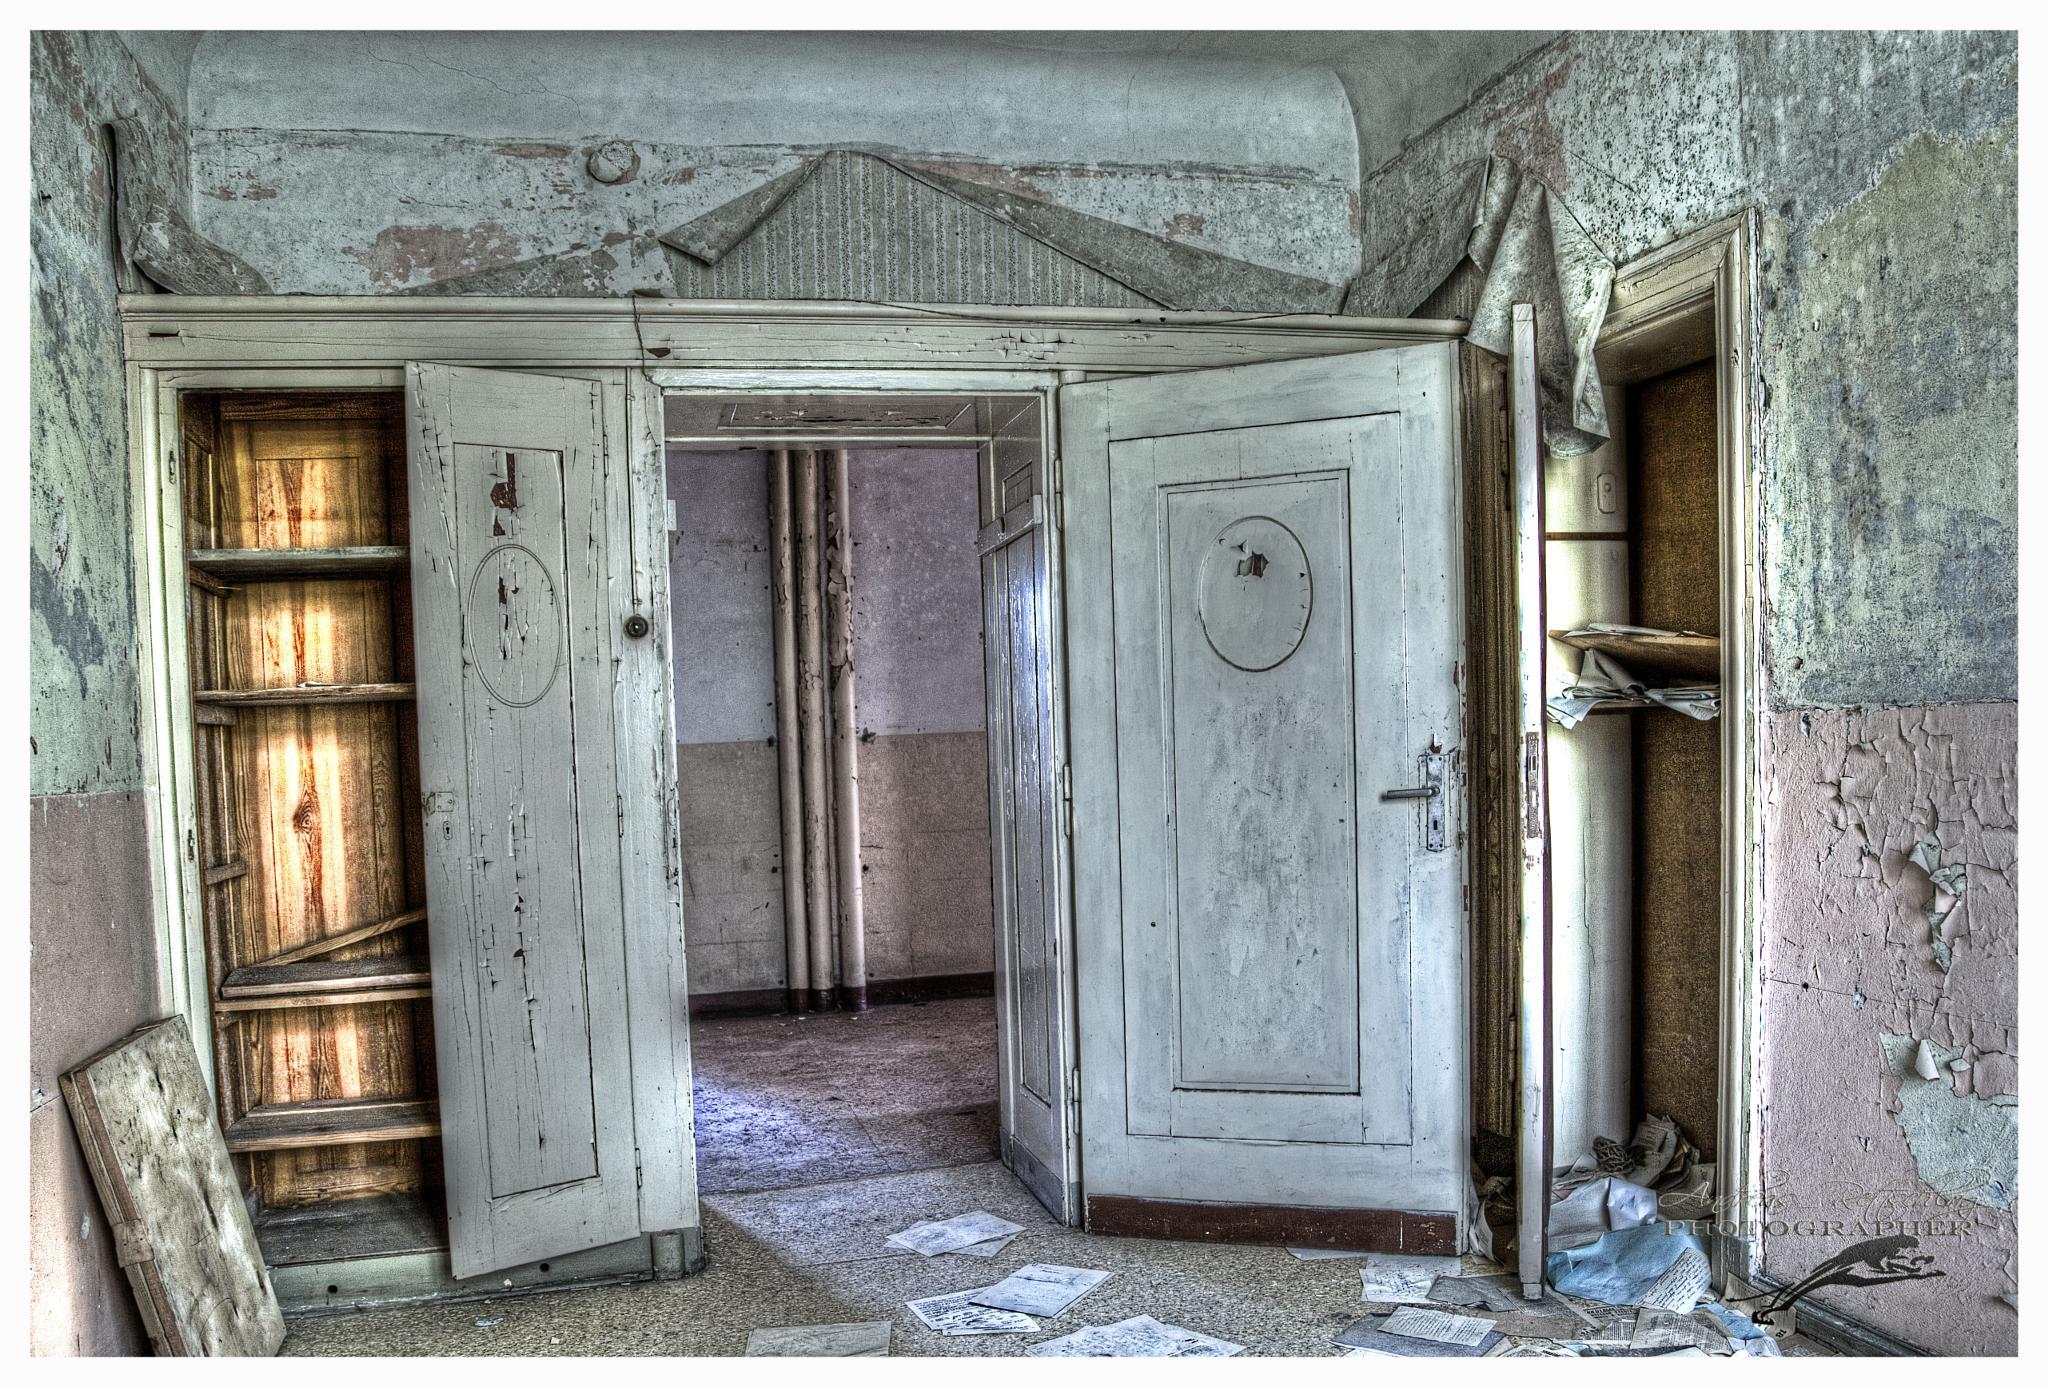 Dienstzimmer in der Russischen Kaserne  by Andreas Rettschlag